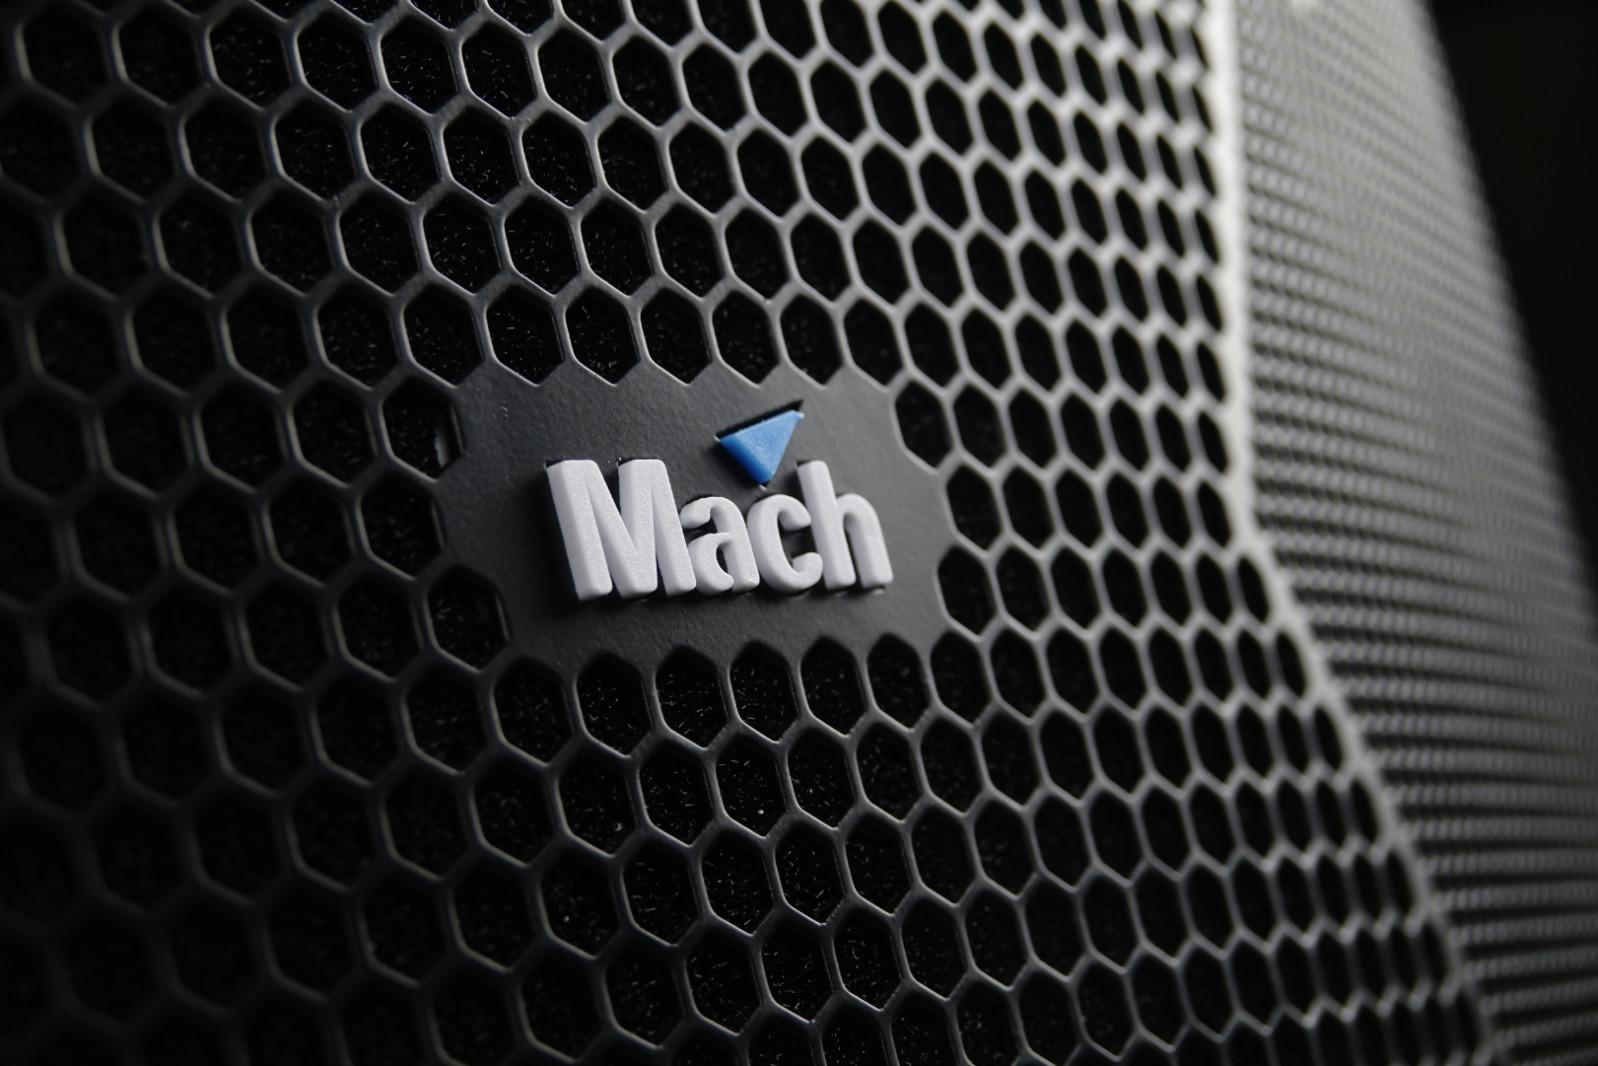 """推荐丨""""专业,精细,高品质""""Mach美刚音响MKA-420功放&MK-20/MK-22音箱"""